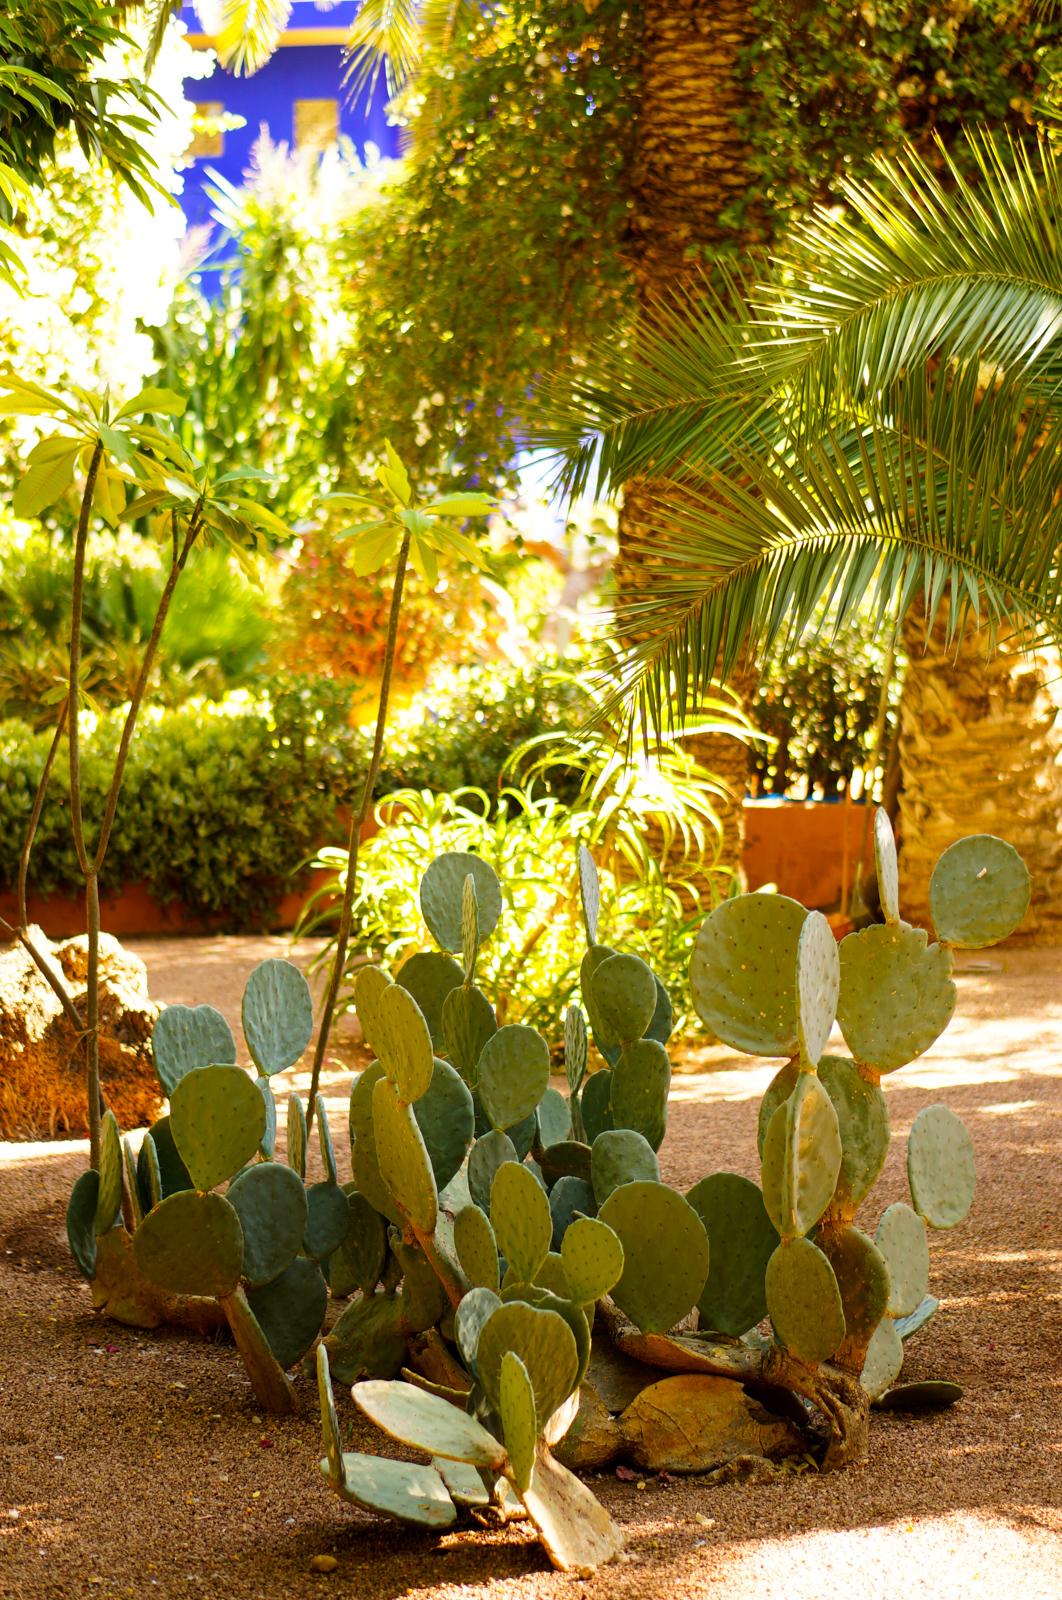 jardin majorelle, jaridn marrakech, idée balade marrakech, tourisme marrakech, visiter marrakech, incontournable marrakech